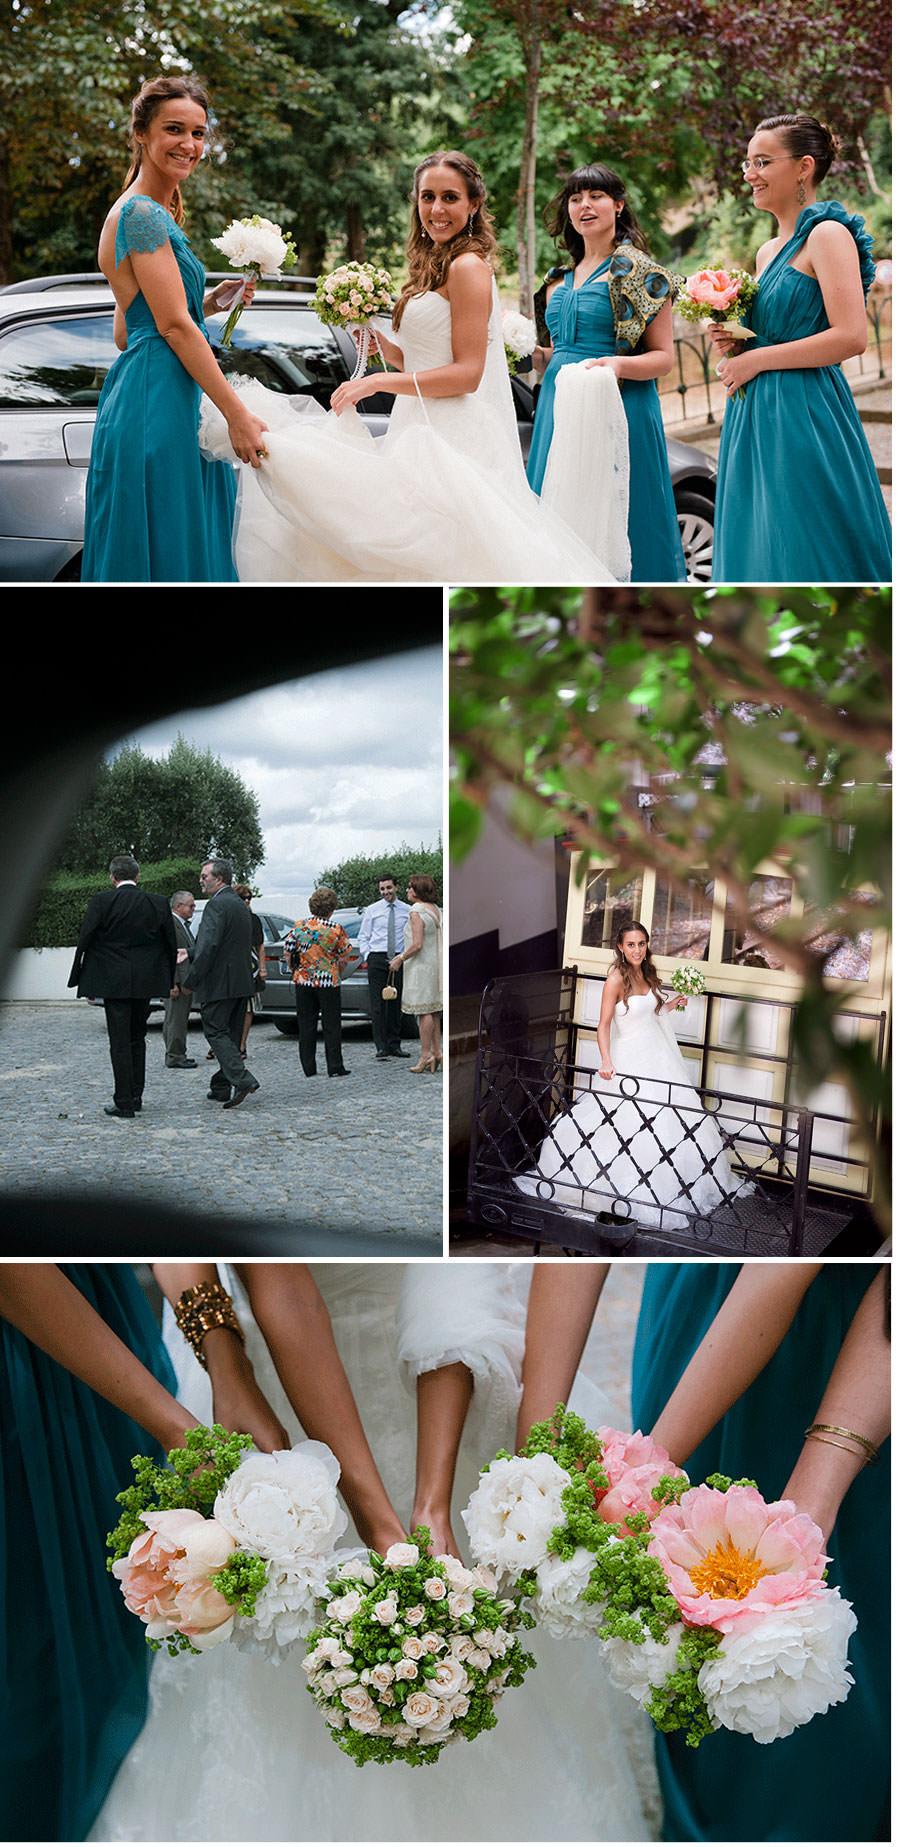 L + J | Bom Jesus Do Monte Wedding | Braga, Portugal | Destination Wedding Photographer 6